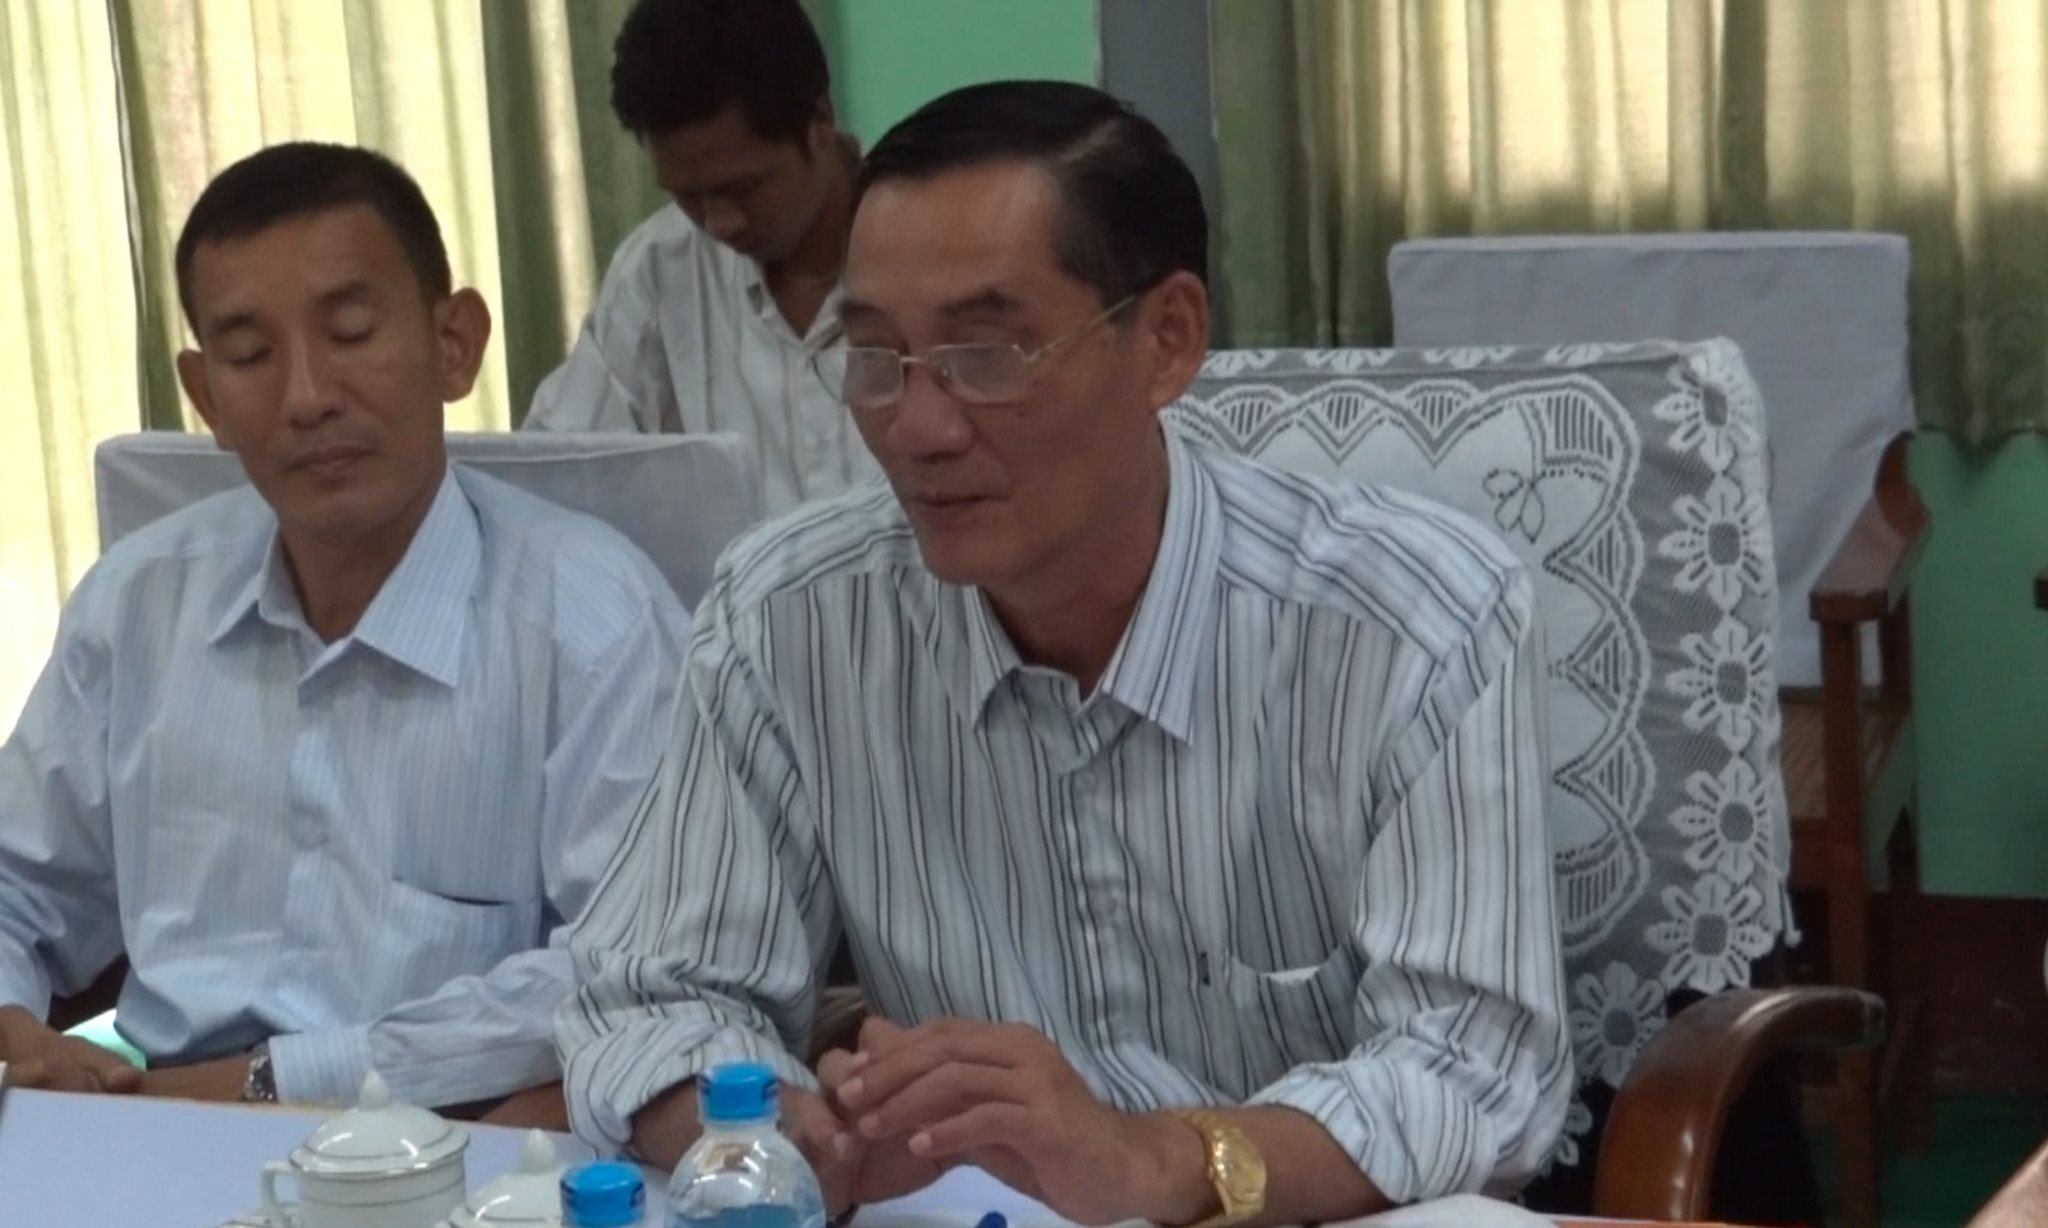 ဝန်ကြီးချုပ်ဟောင်း ဦးခင်မောင်ဦး (ခ) ခူးဘူးရယ် ကယားပြည်နယ်ဒီမိုကရက်တစ်ပါတီကနေ ဝင်ရောက်ယှဉ်ပြိုင်မည်